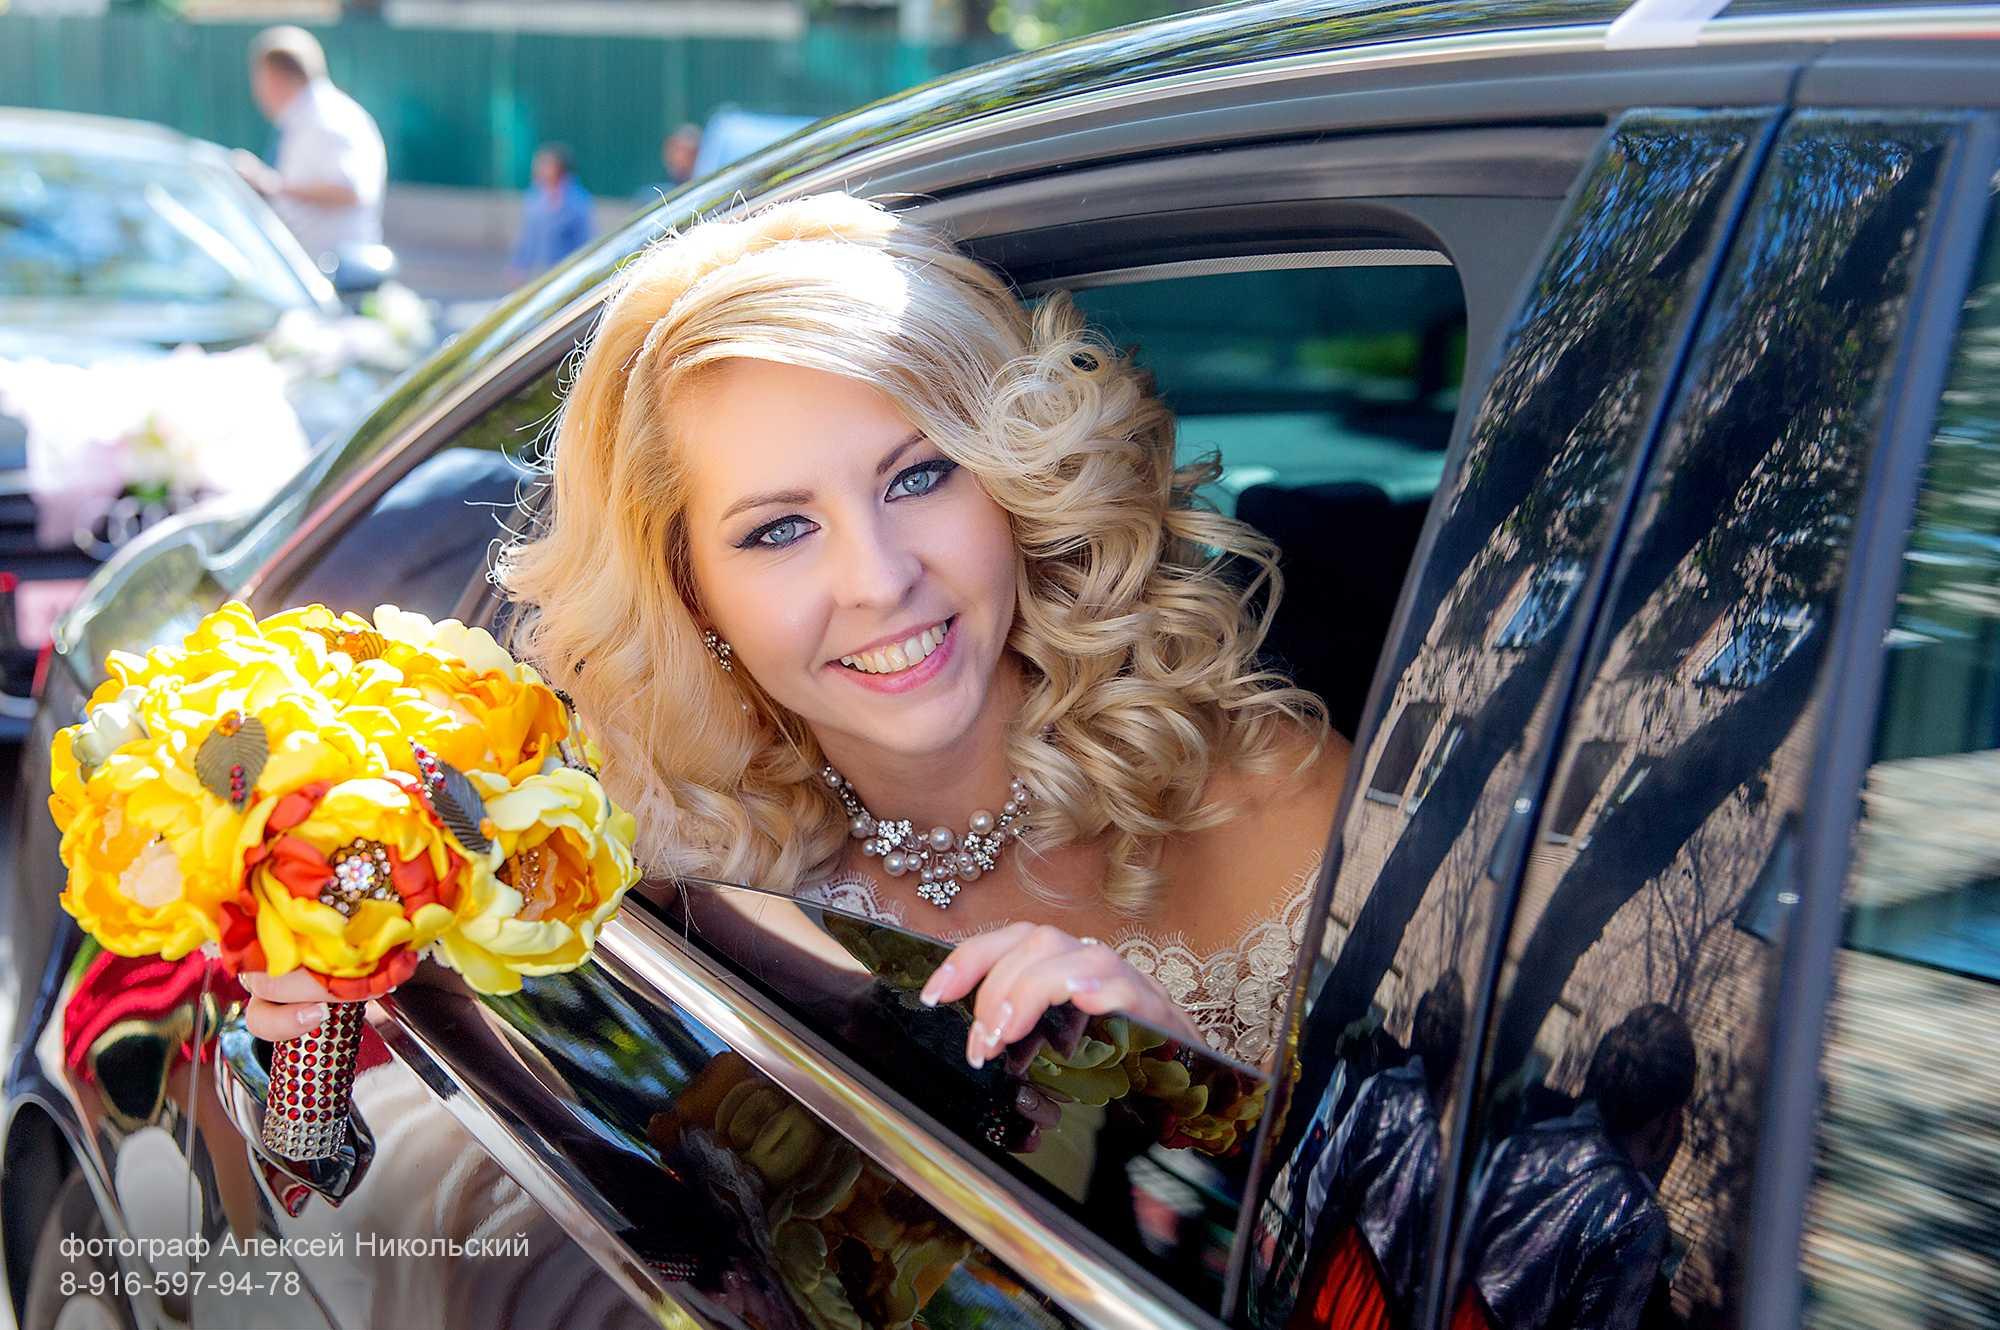 Сколько стоит свадьба в Москве?